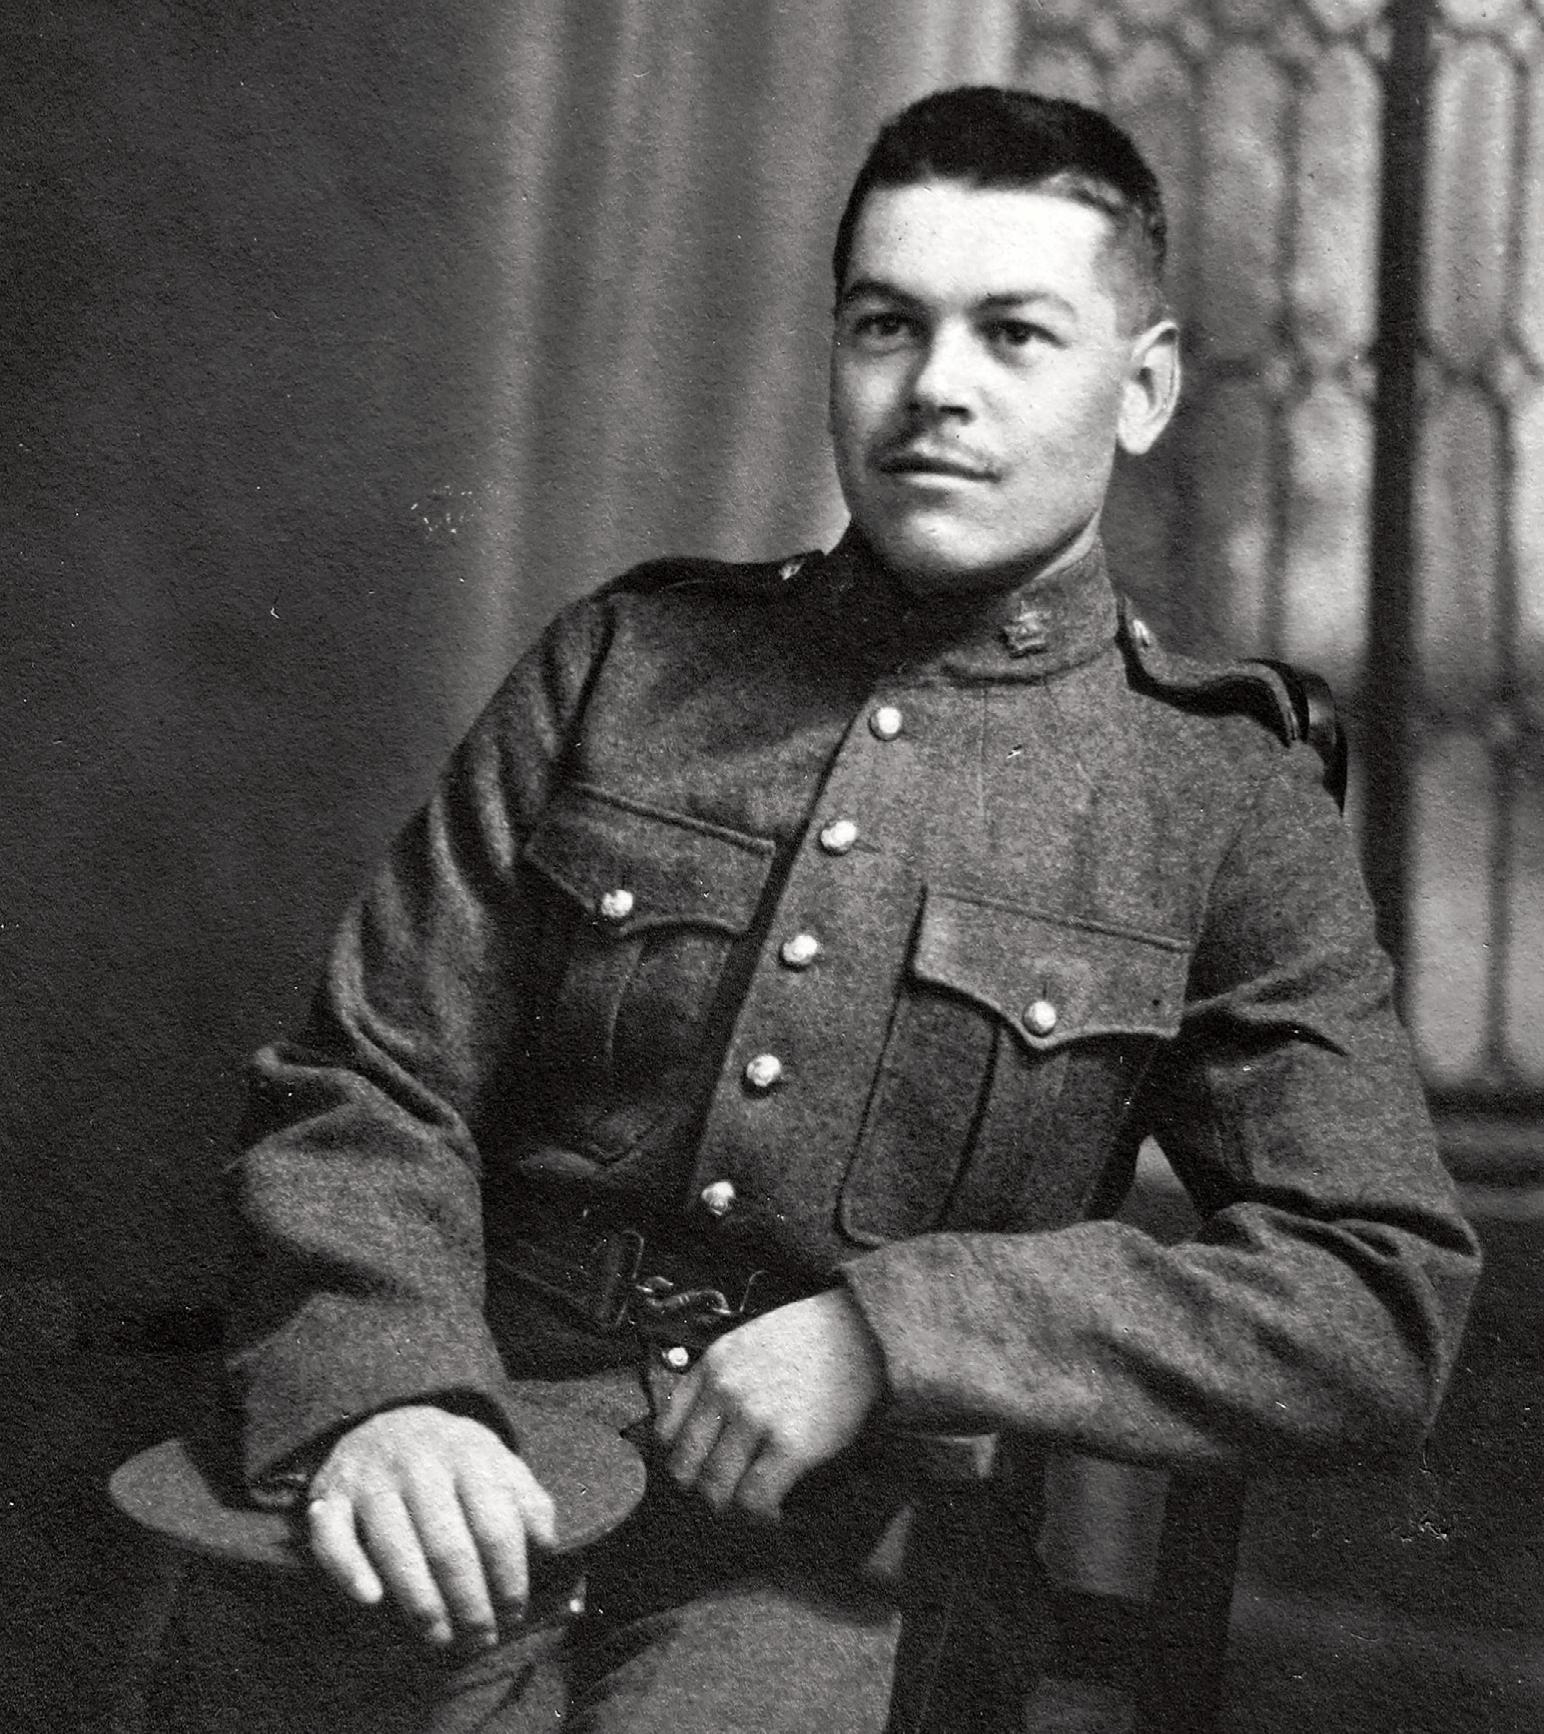 Norman Jesse Rogers in uniform, 1890-1940